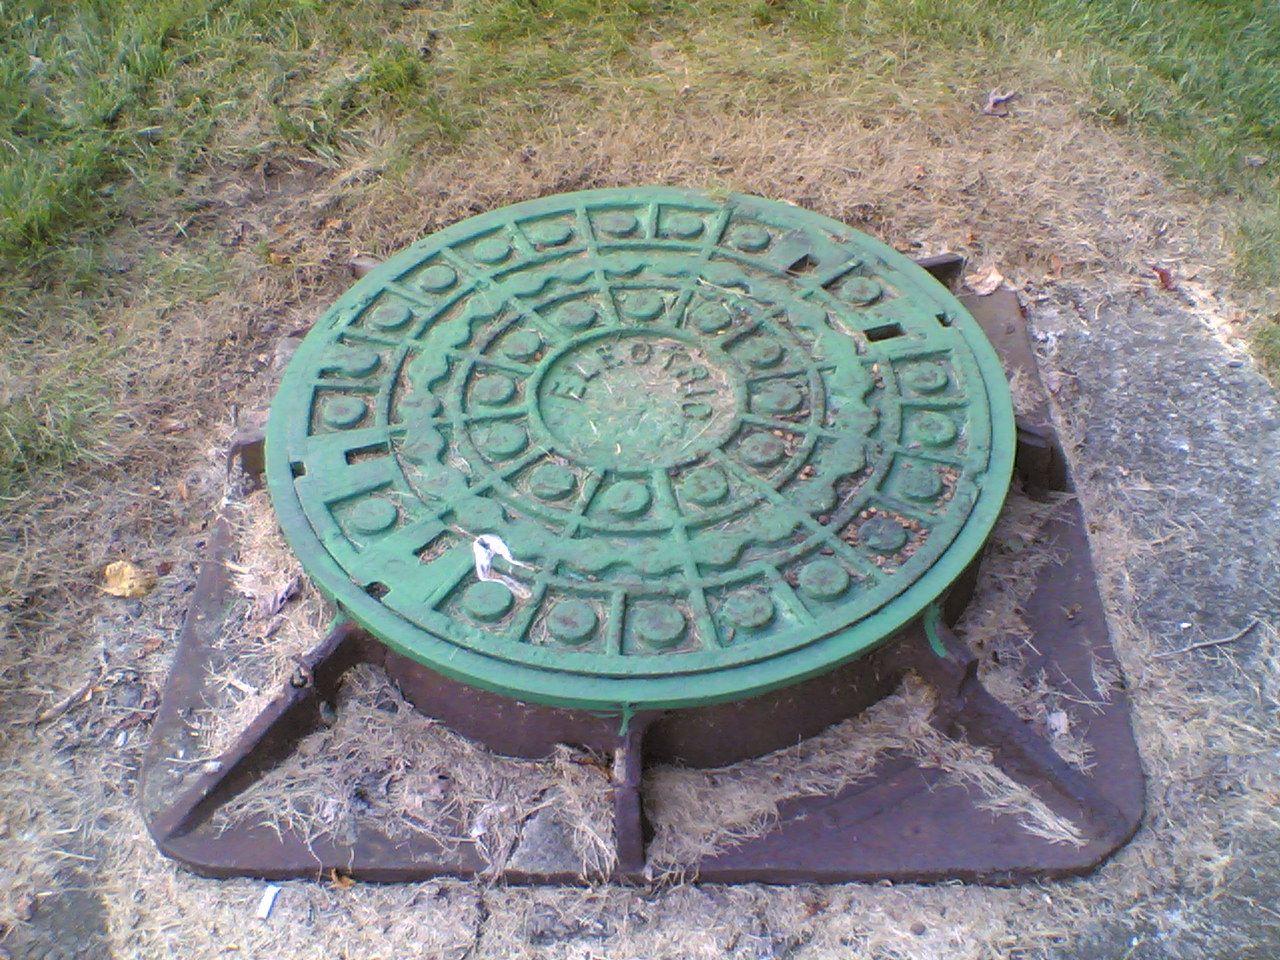 Manhole in Manhattan